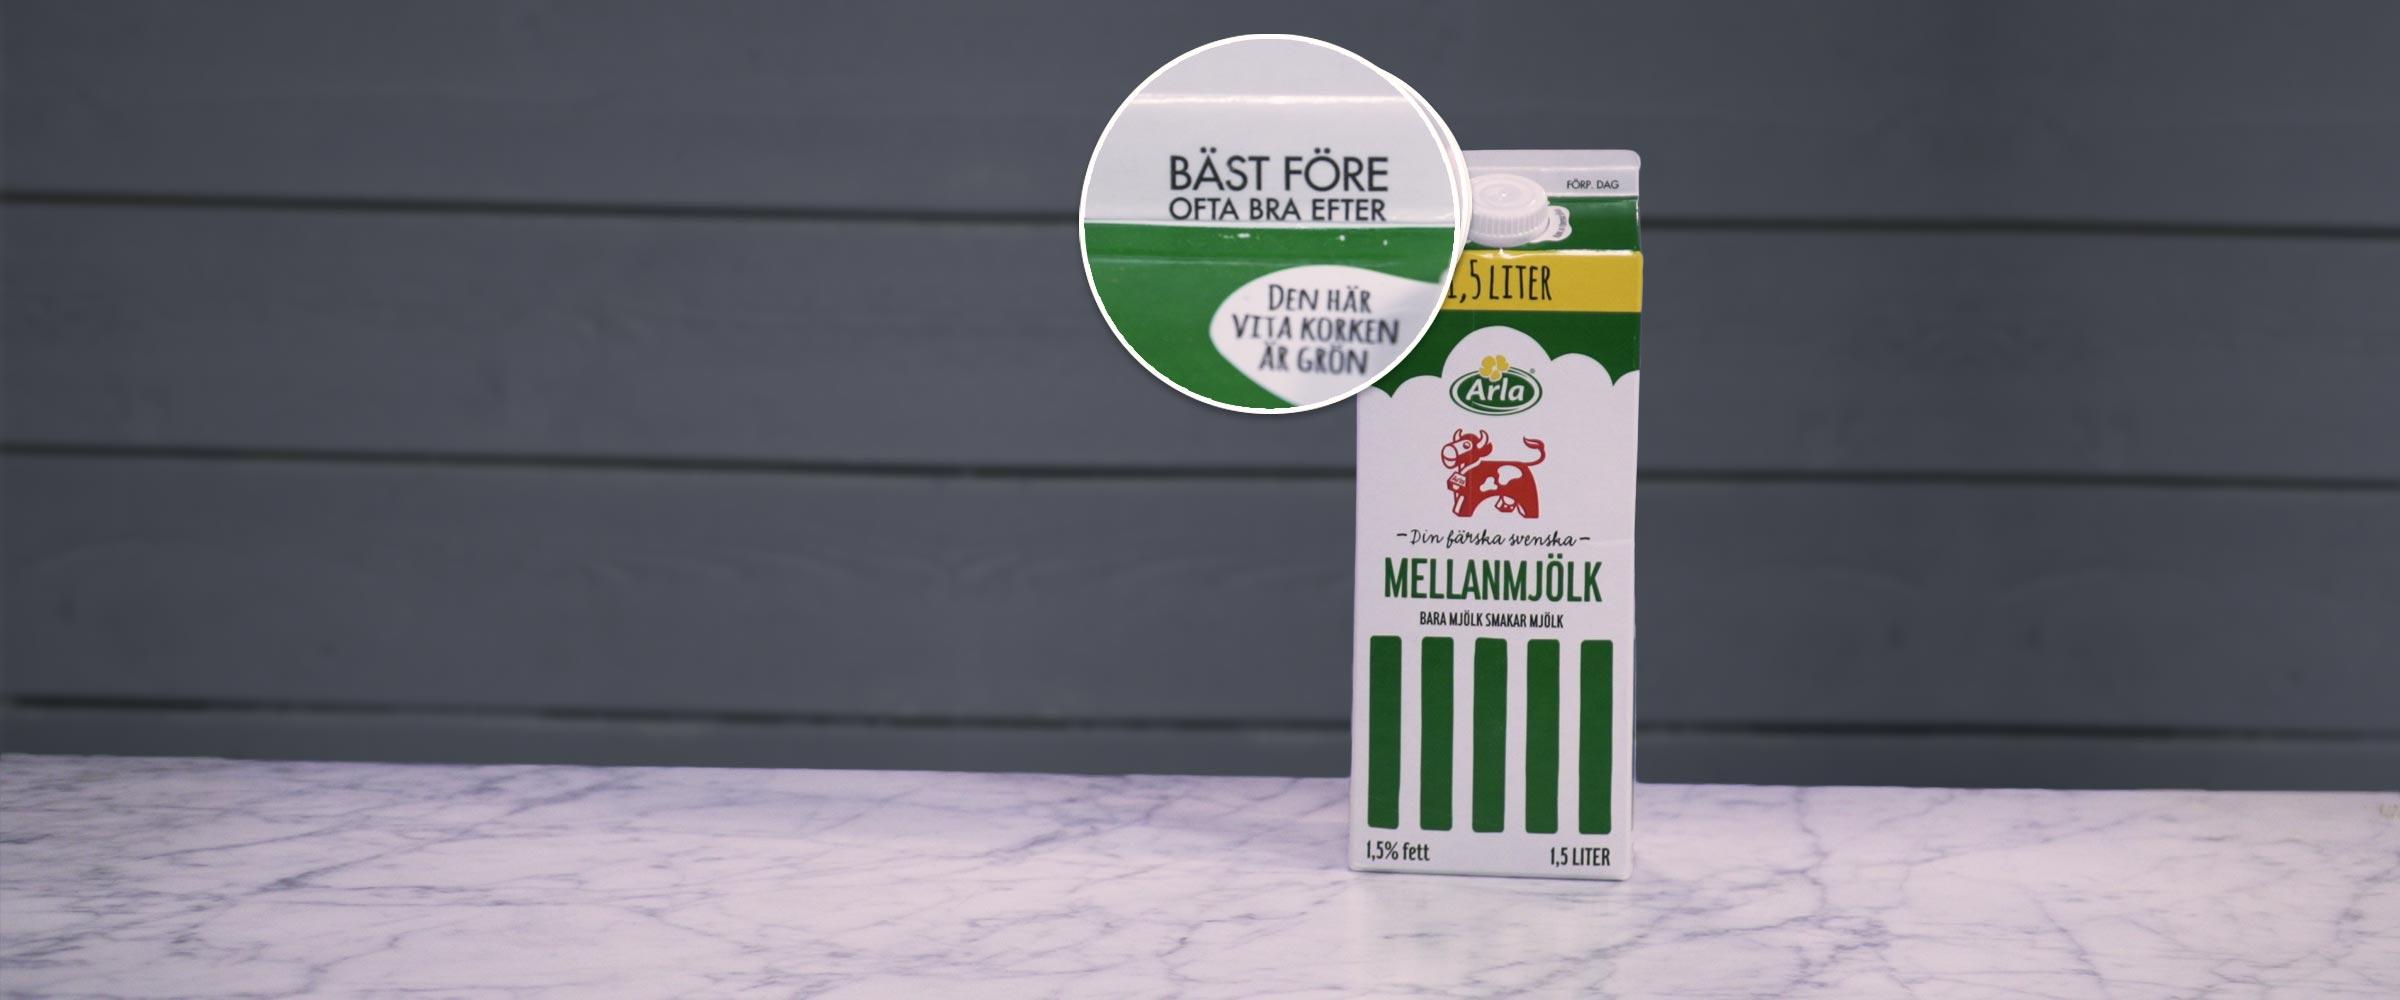 bäst före datum mjölk